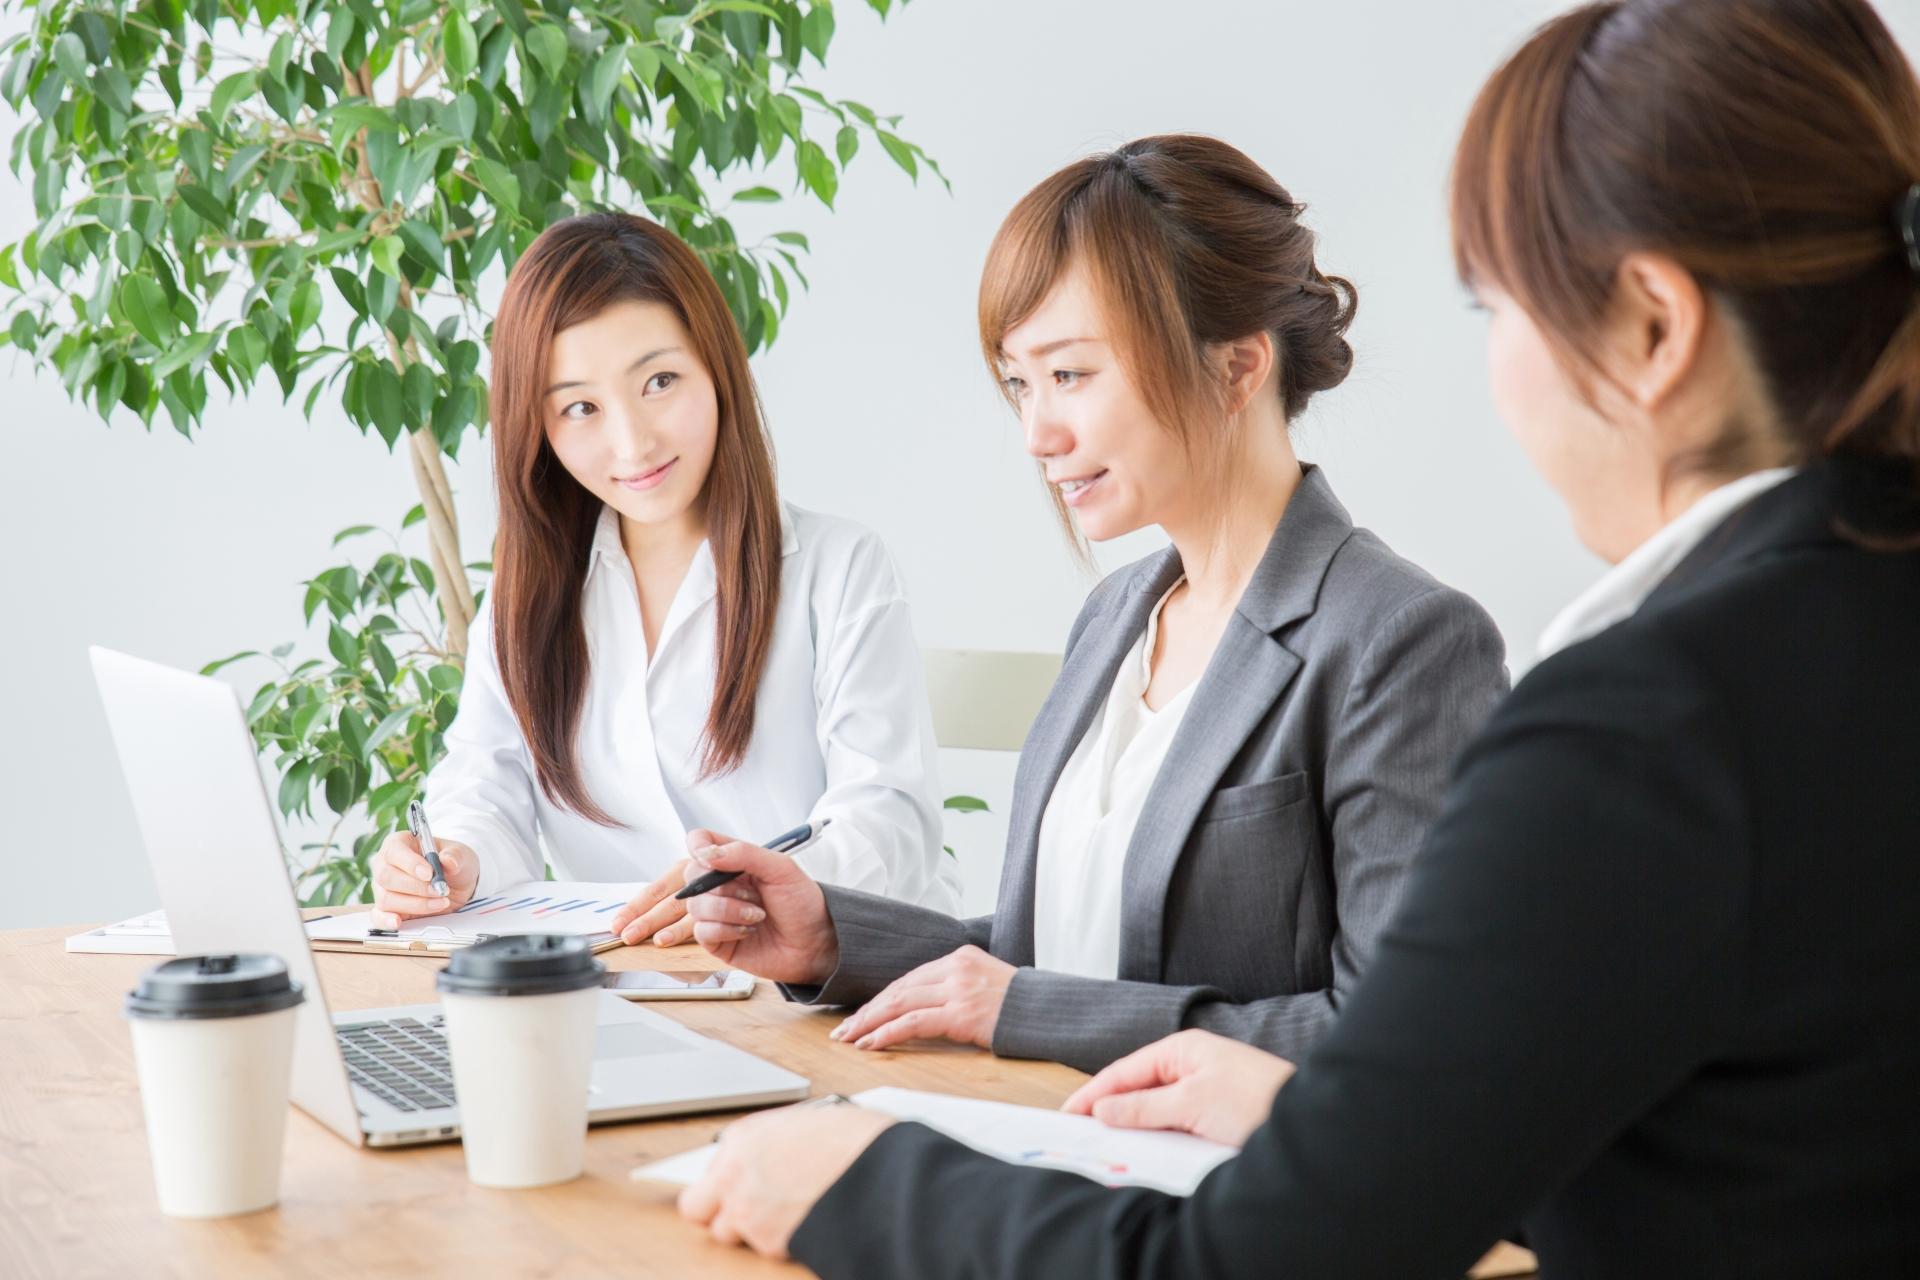 オンライン商談ツールを使う女性